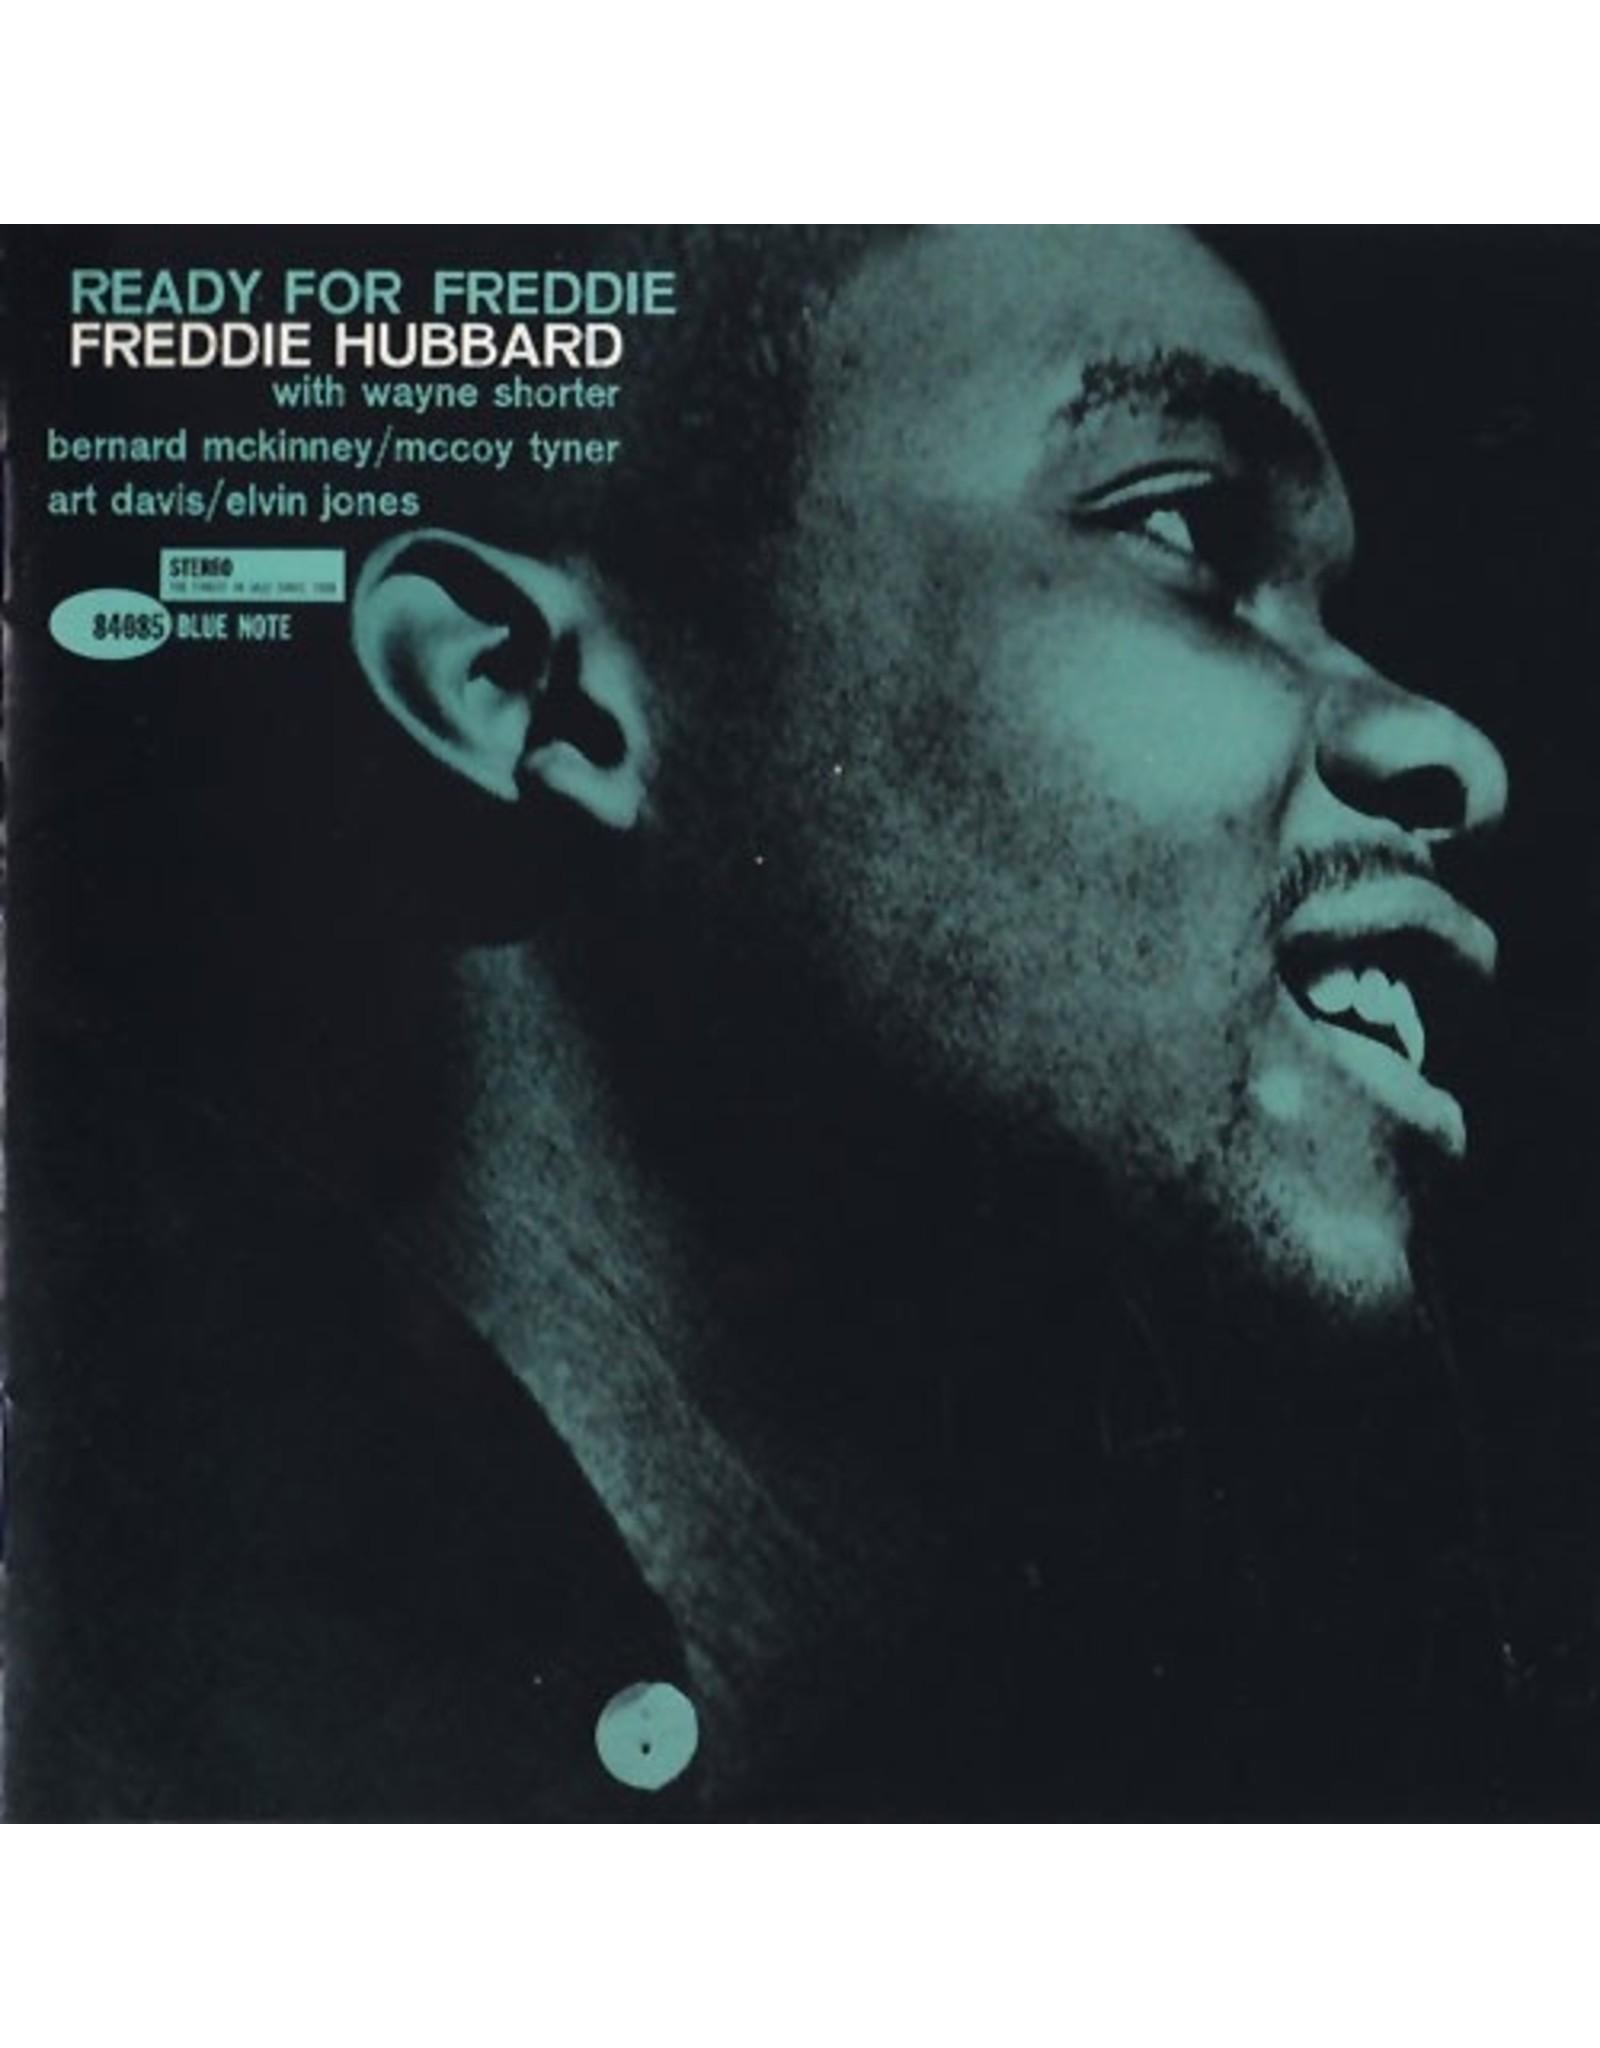 New Vinyl Freddy Hubbard - Ready For Freddy LP